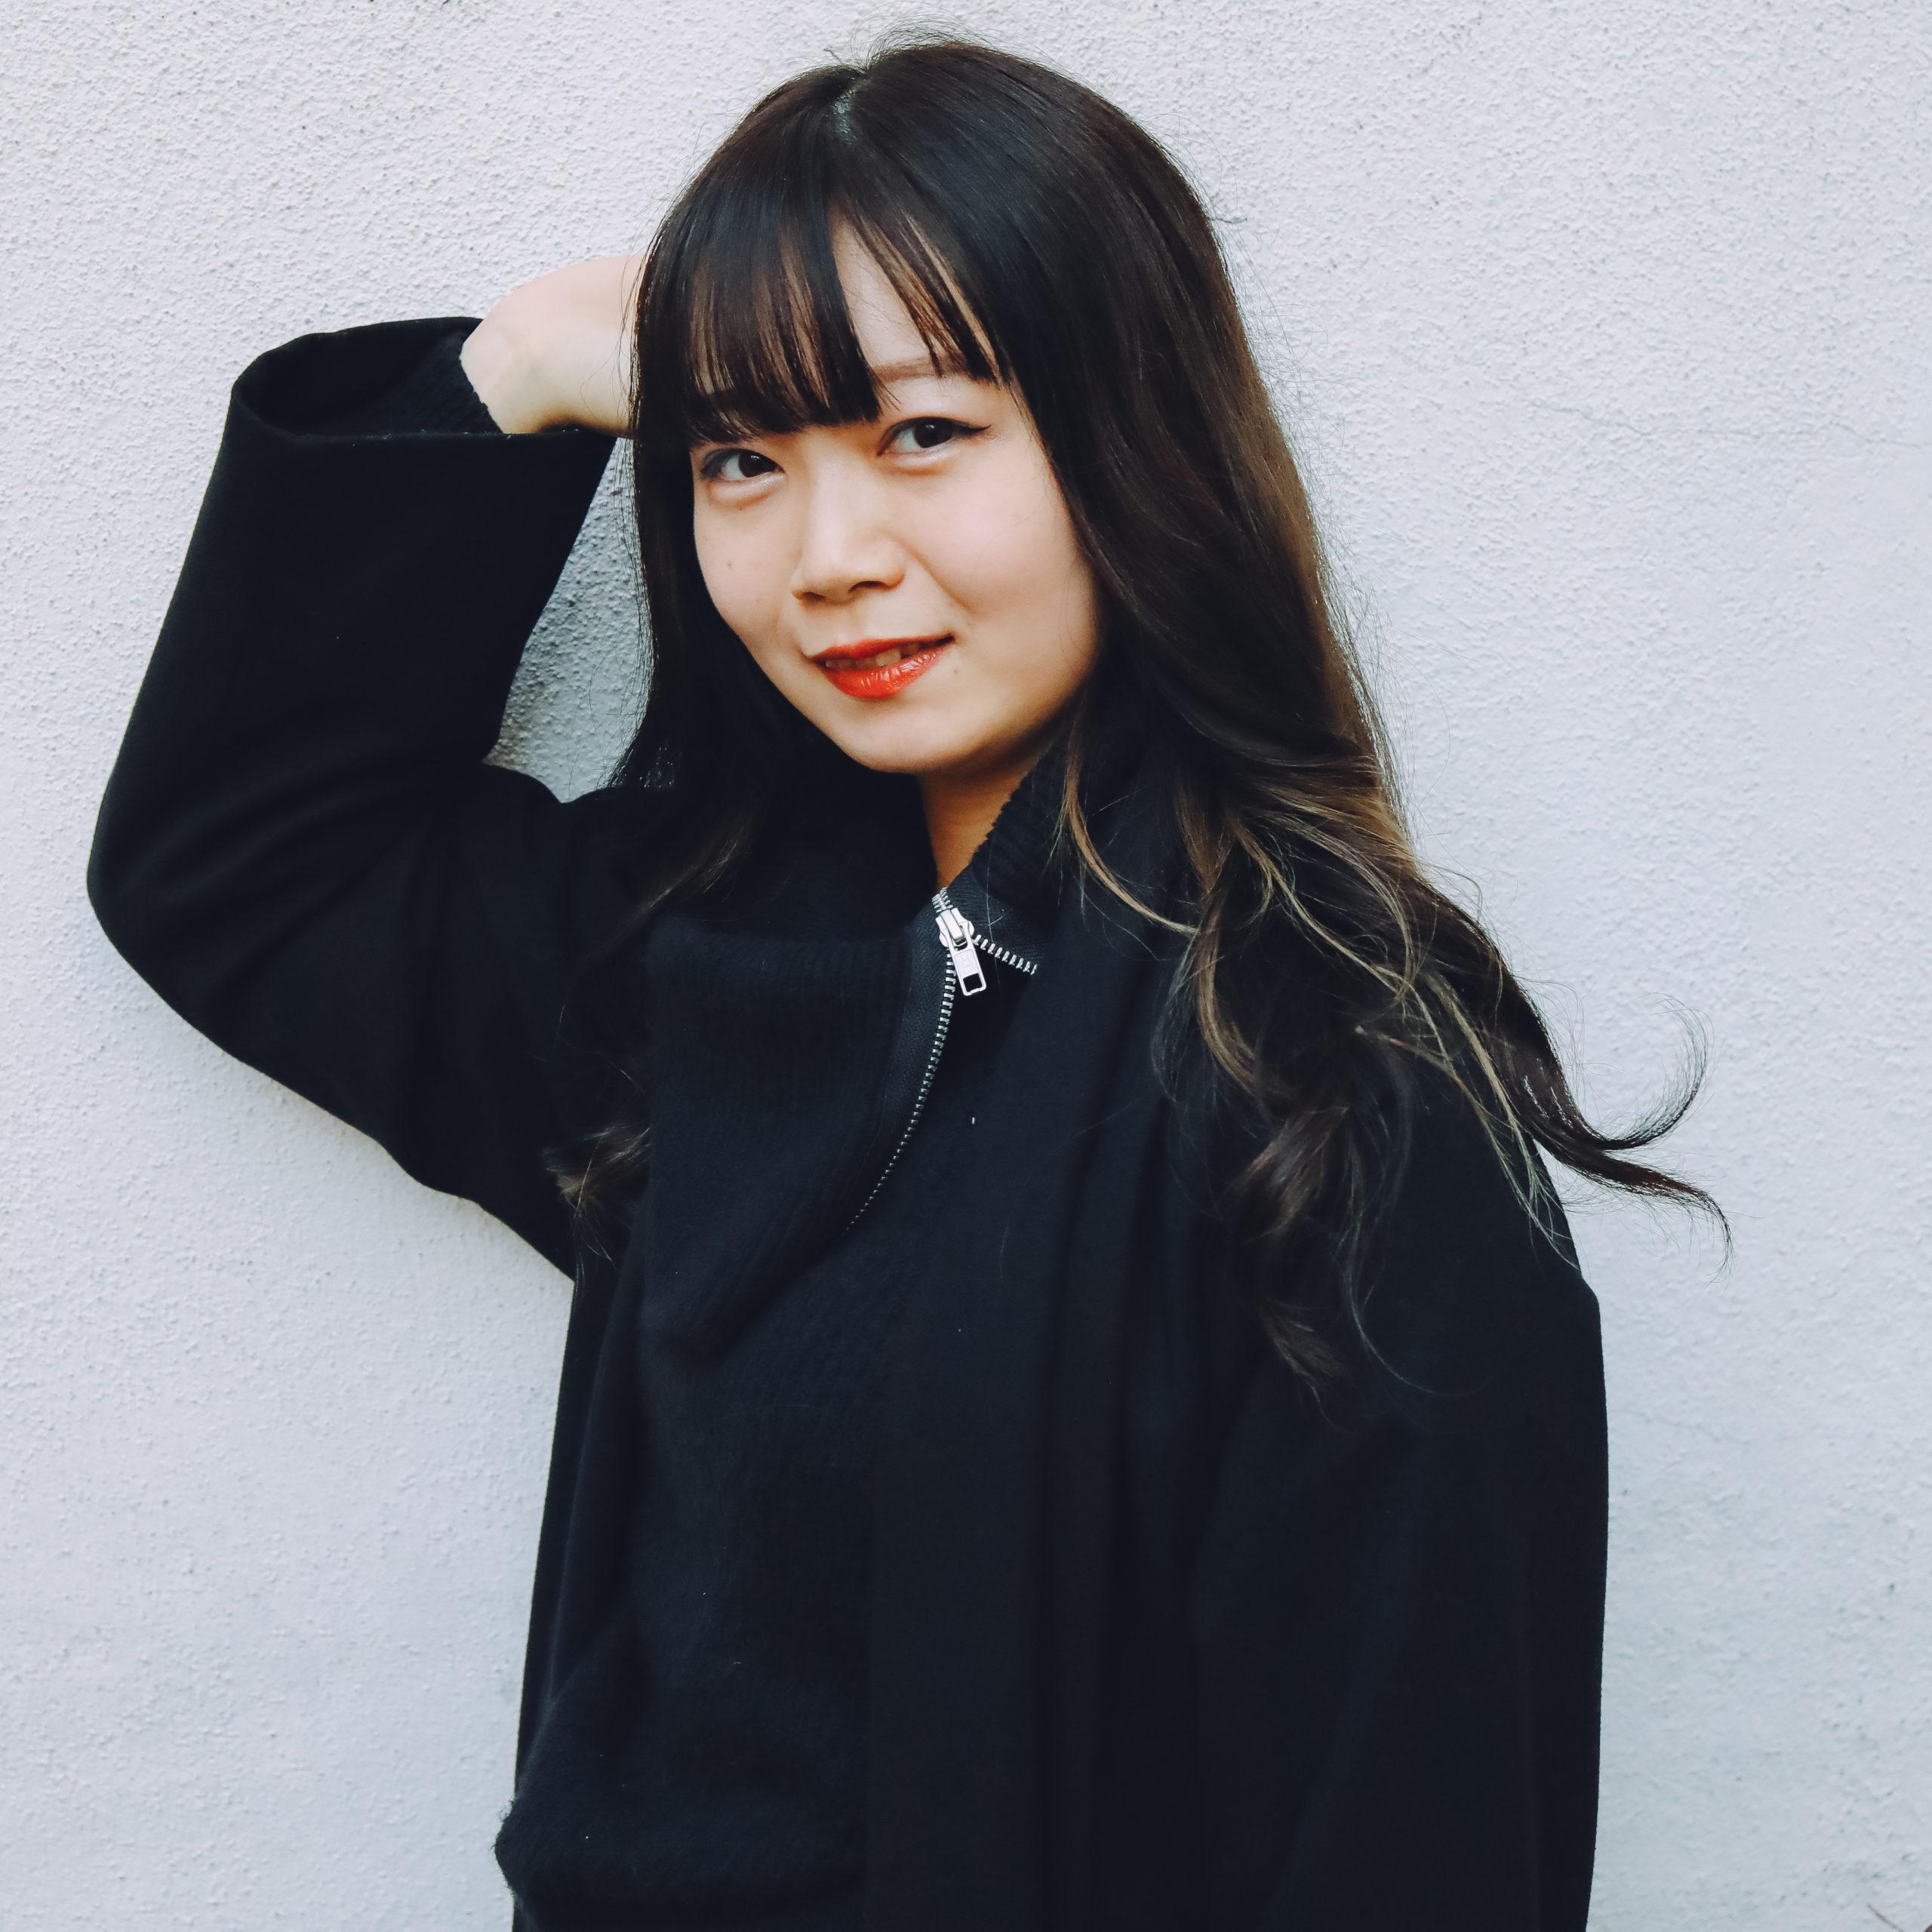 ゆーみ - MODECON WEST AW